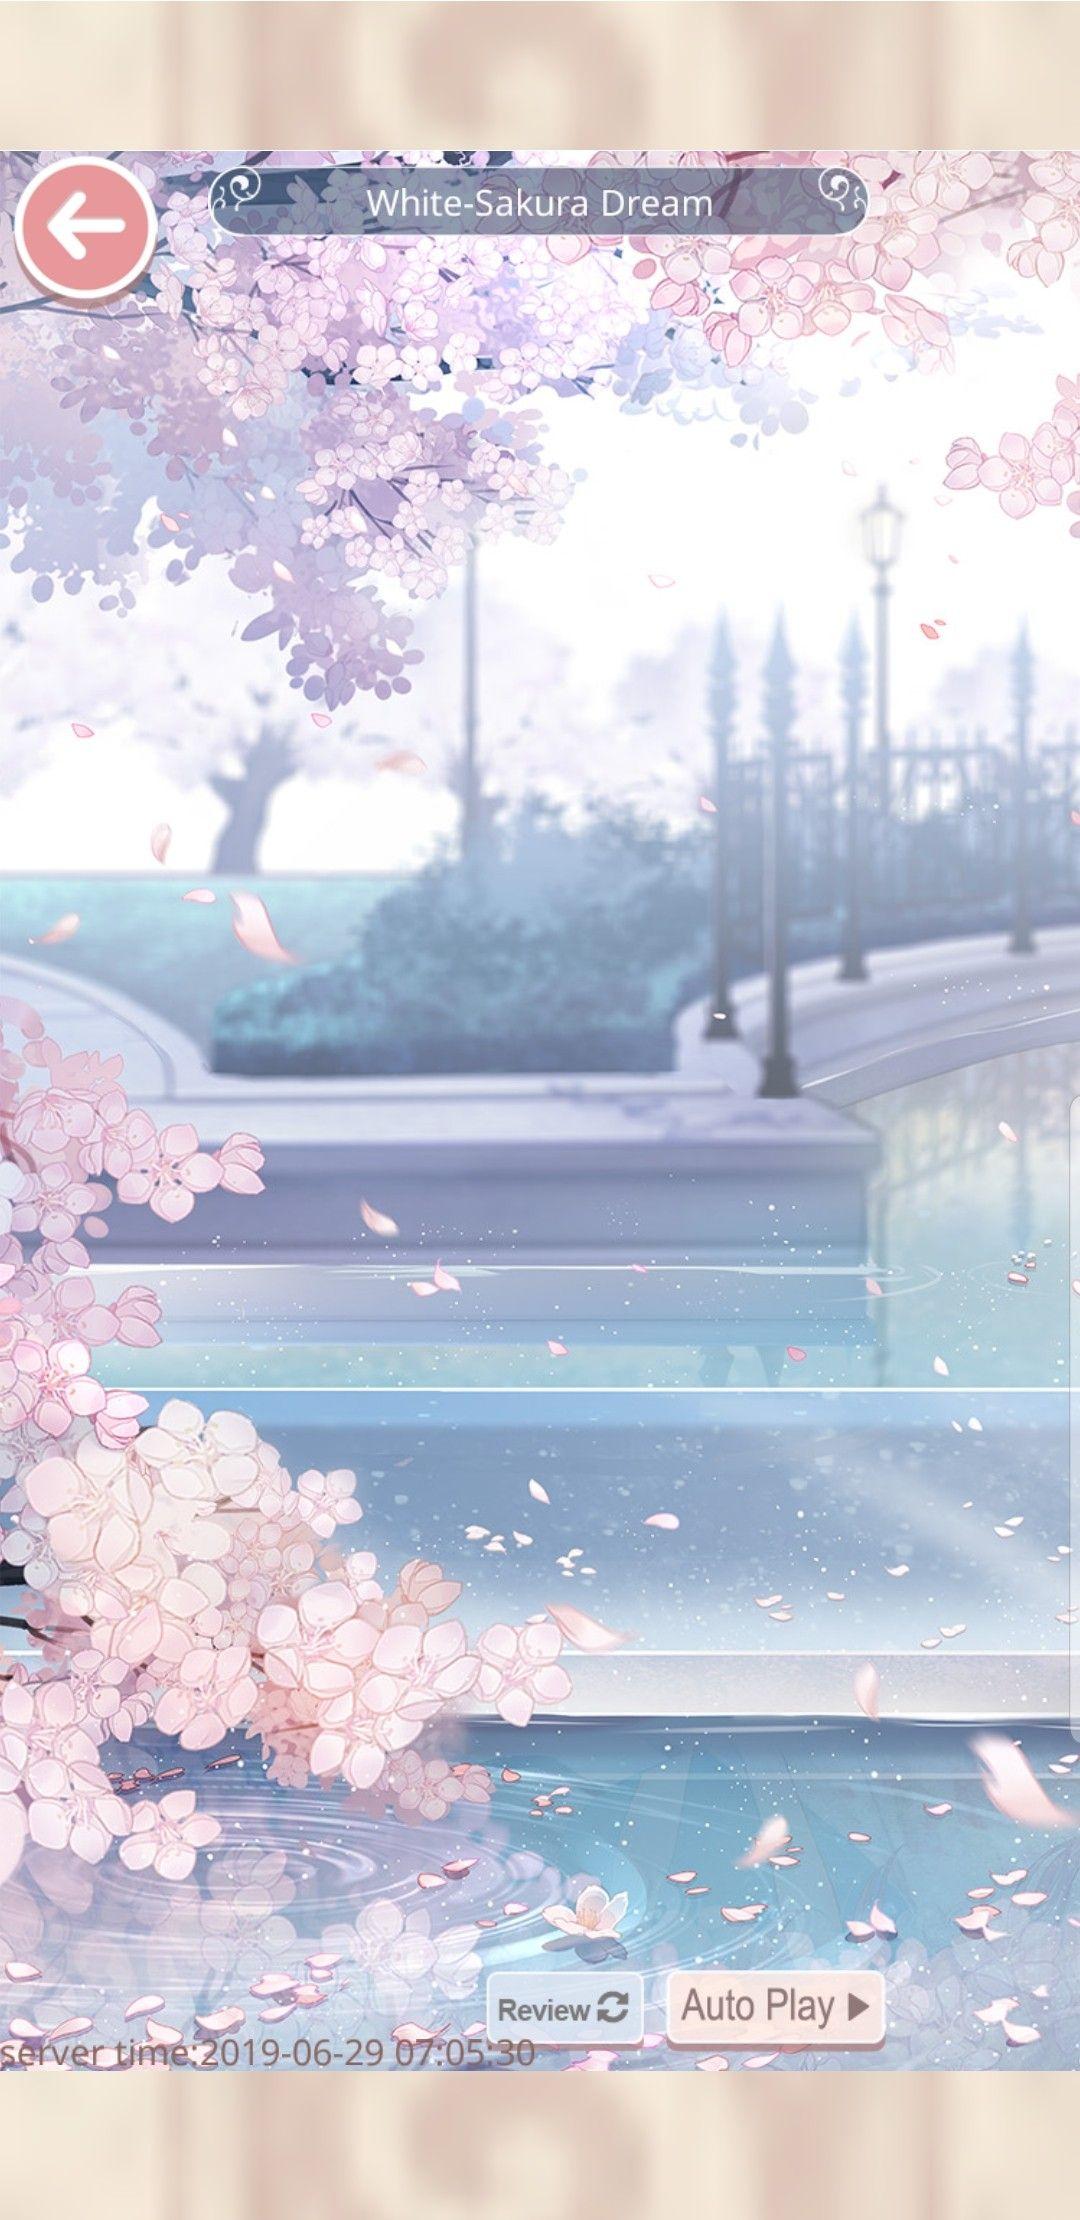 Love Nikki Dress Up Queen Anime Scenery Wallpaper Scenery Wallpaper Anime Backgrounds Wallpapers